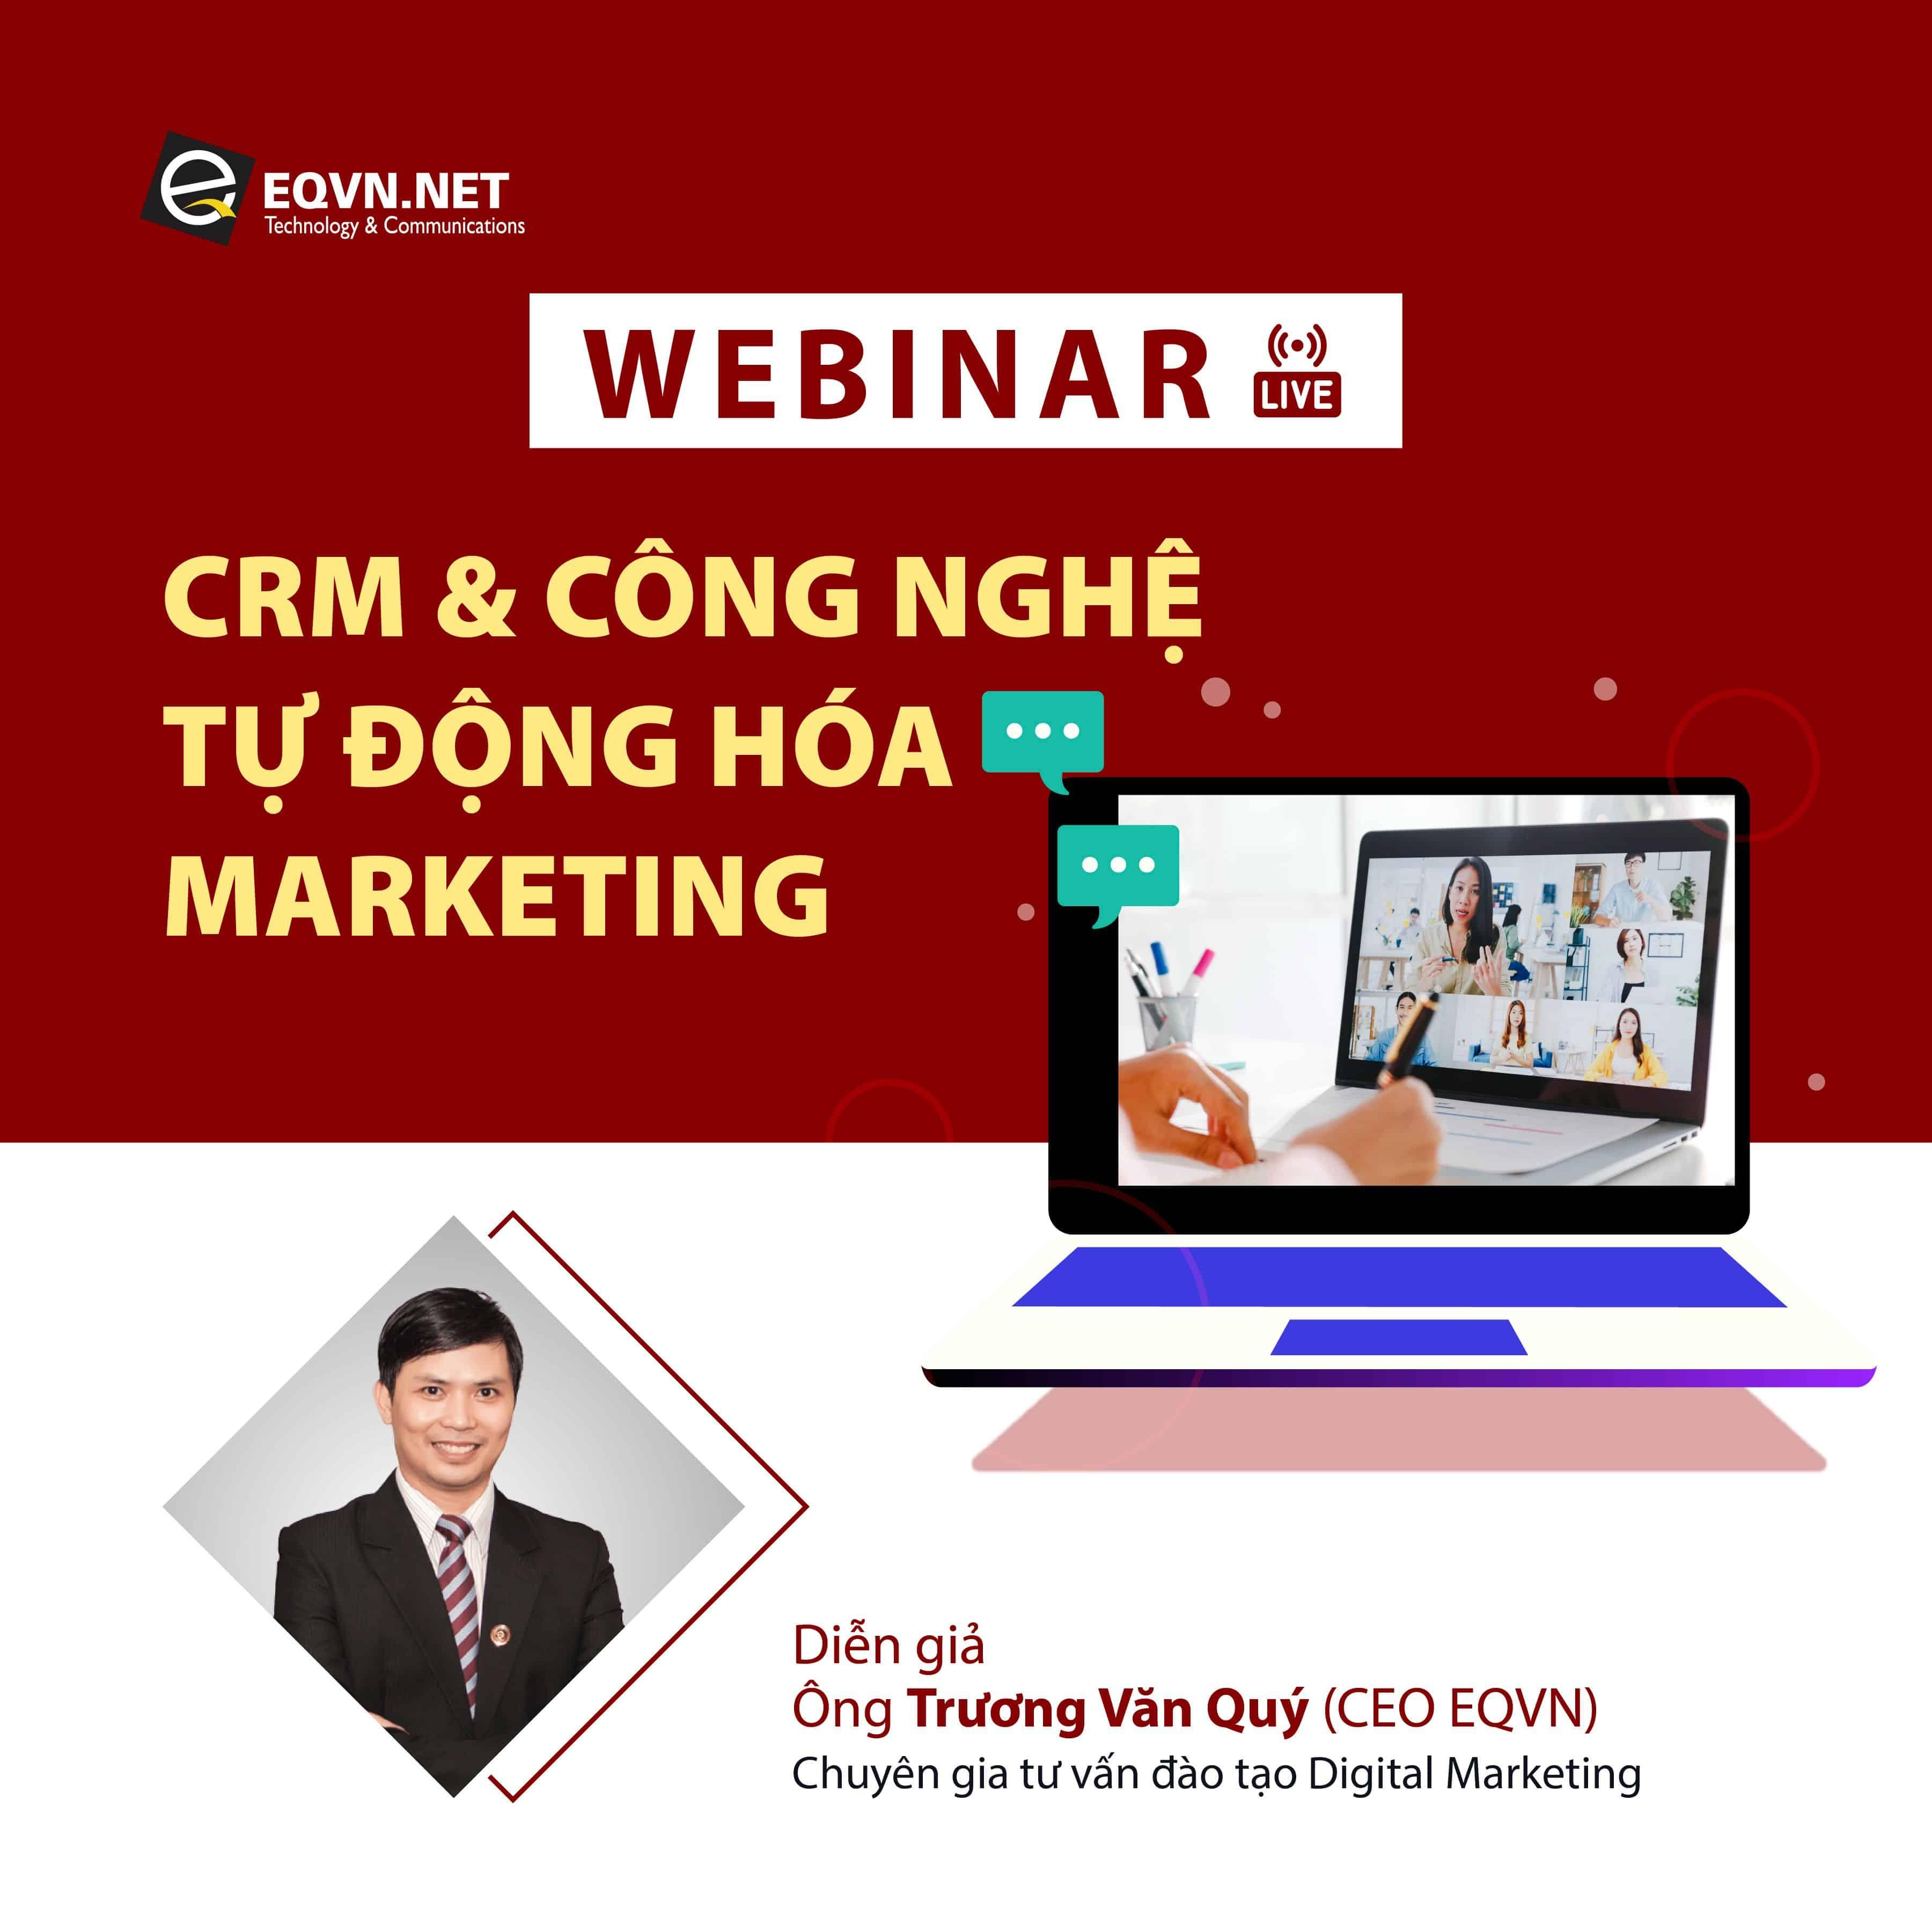 Tọa đàm CRM và công nghệ tự động hóa Marketing